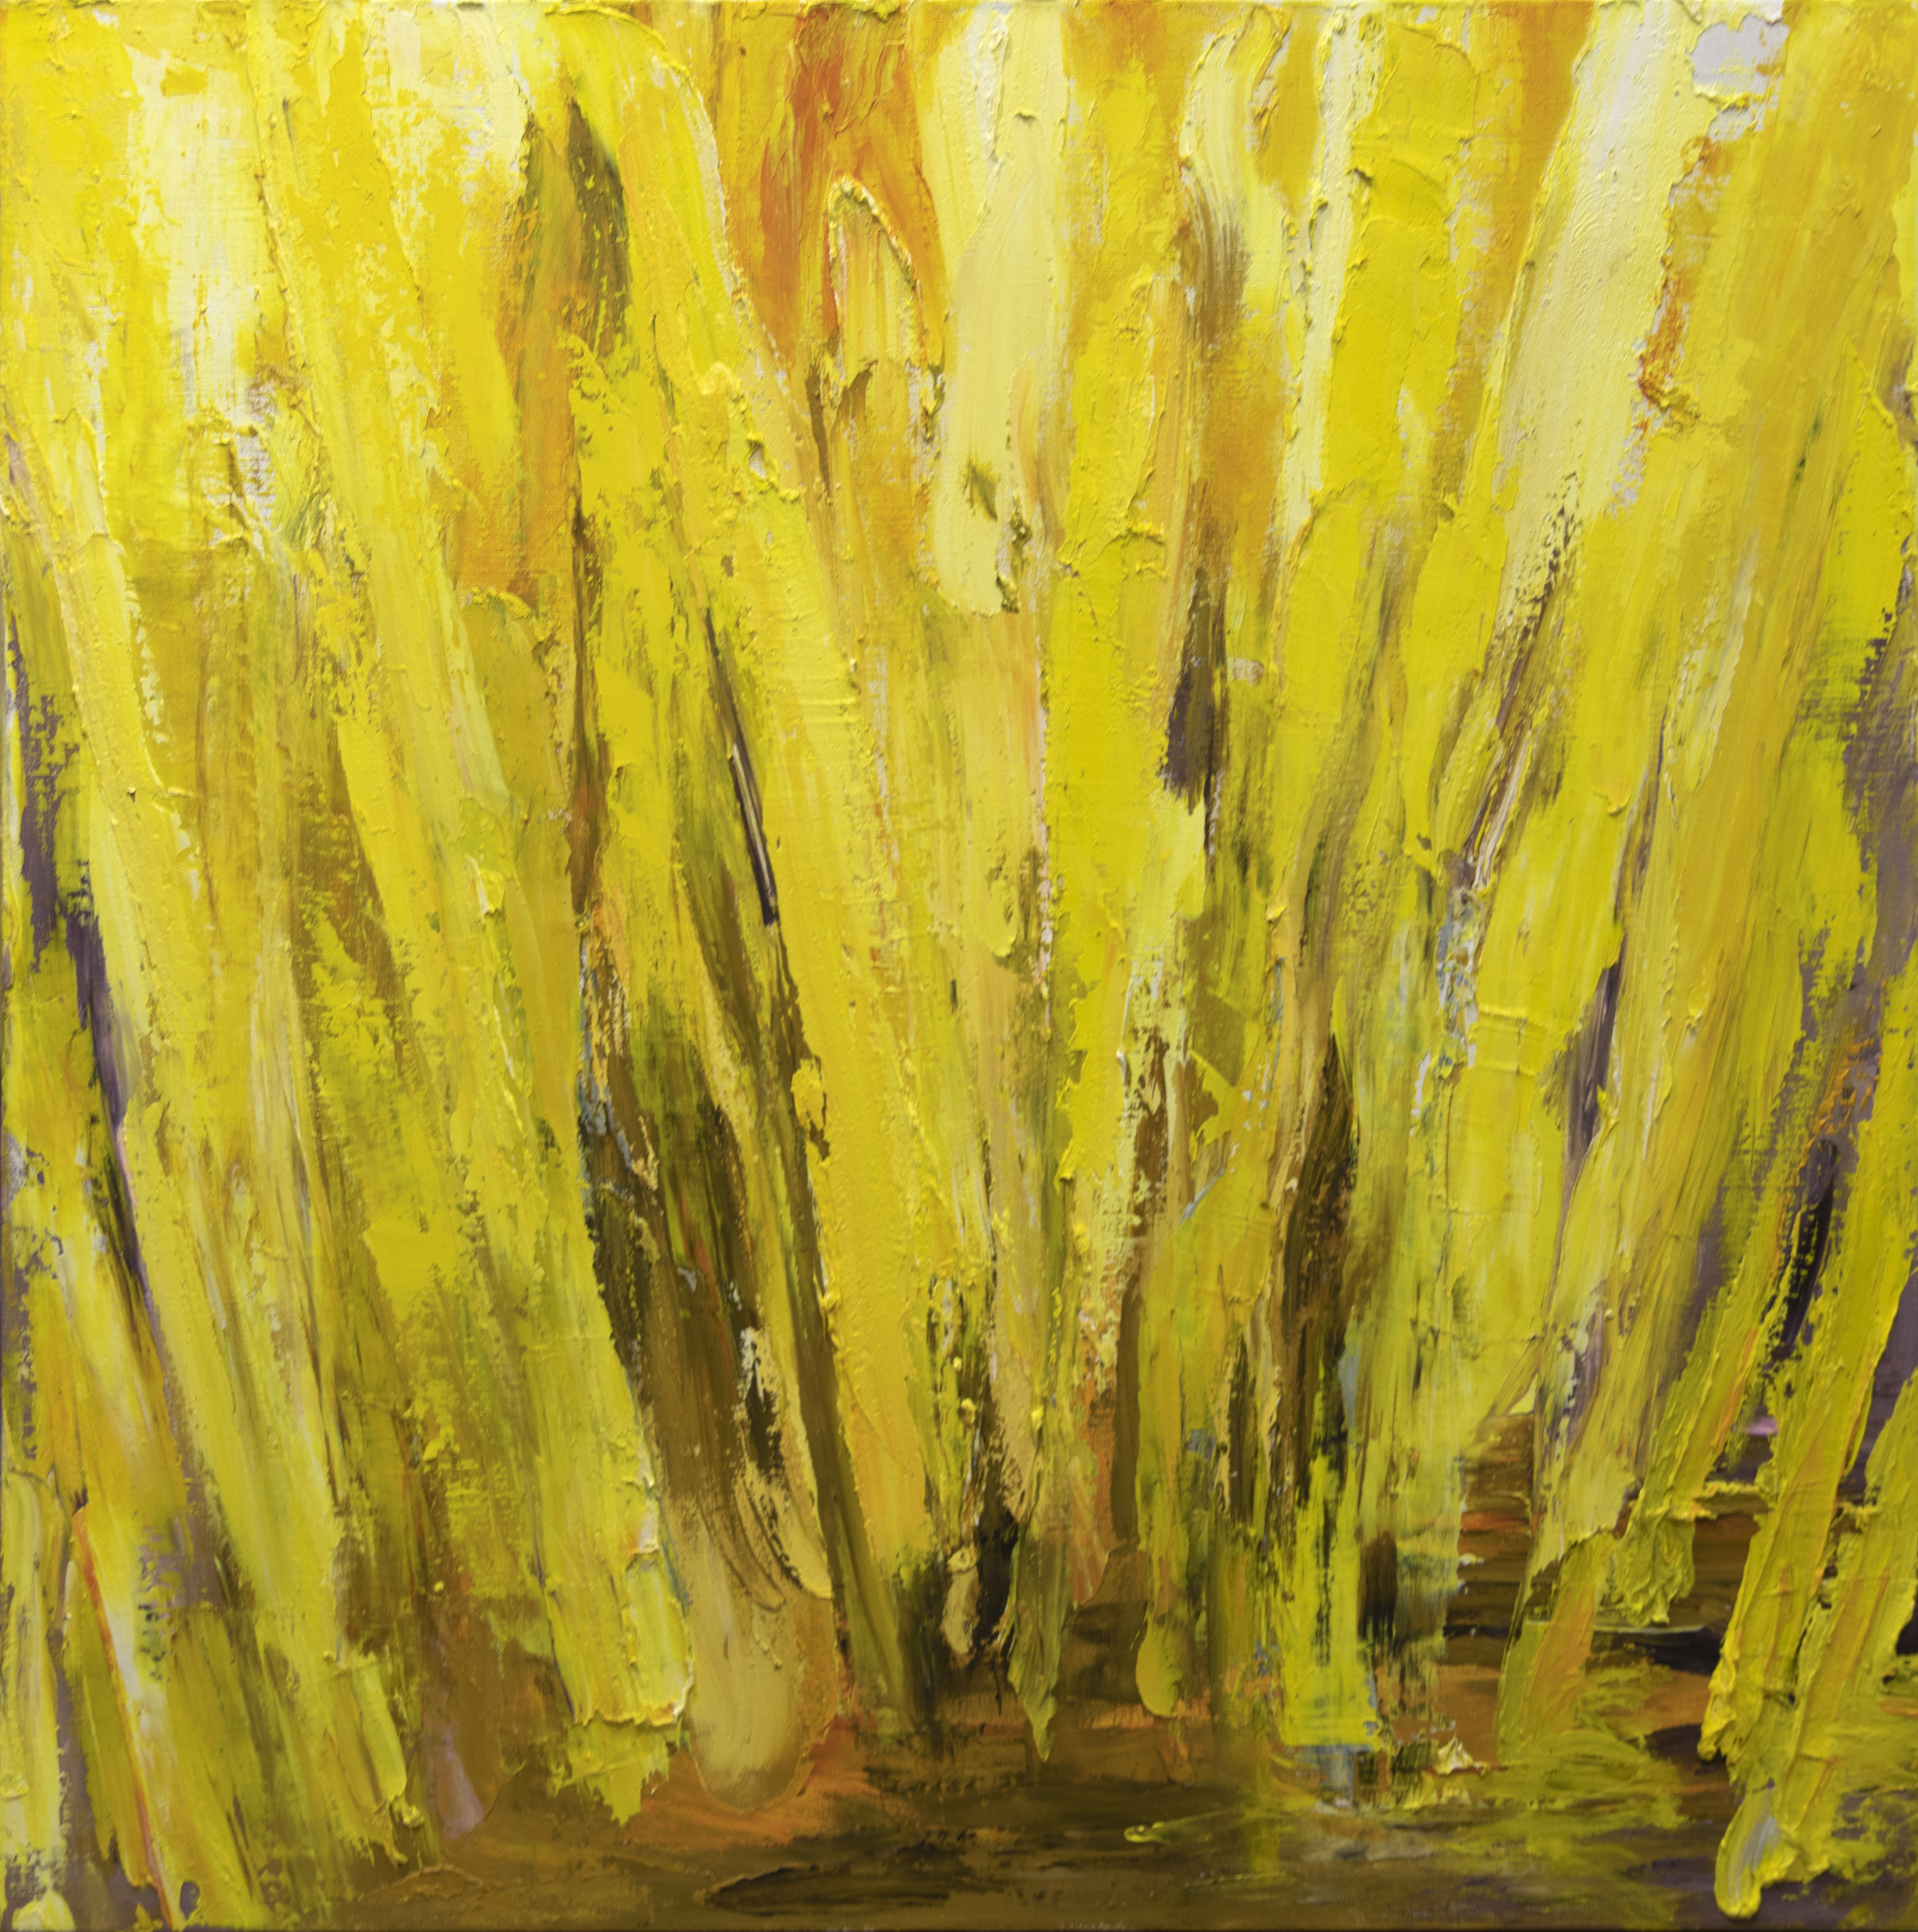 Keltainen abstrakti maalaus, rajuha siveltimenvetoja.